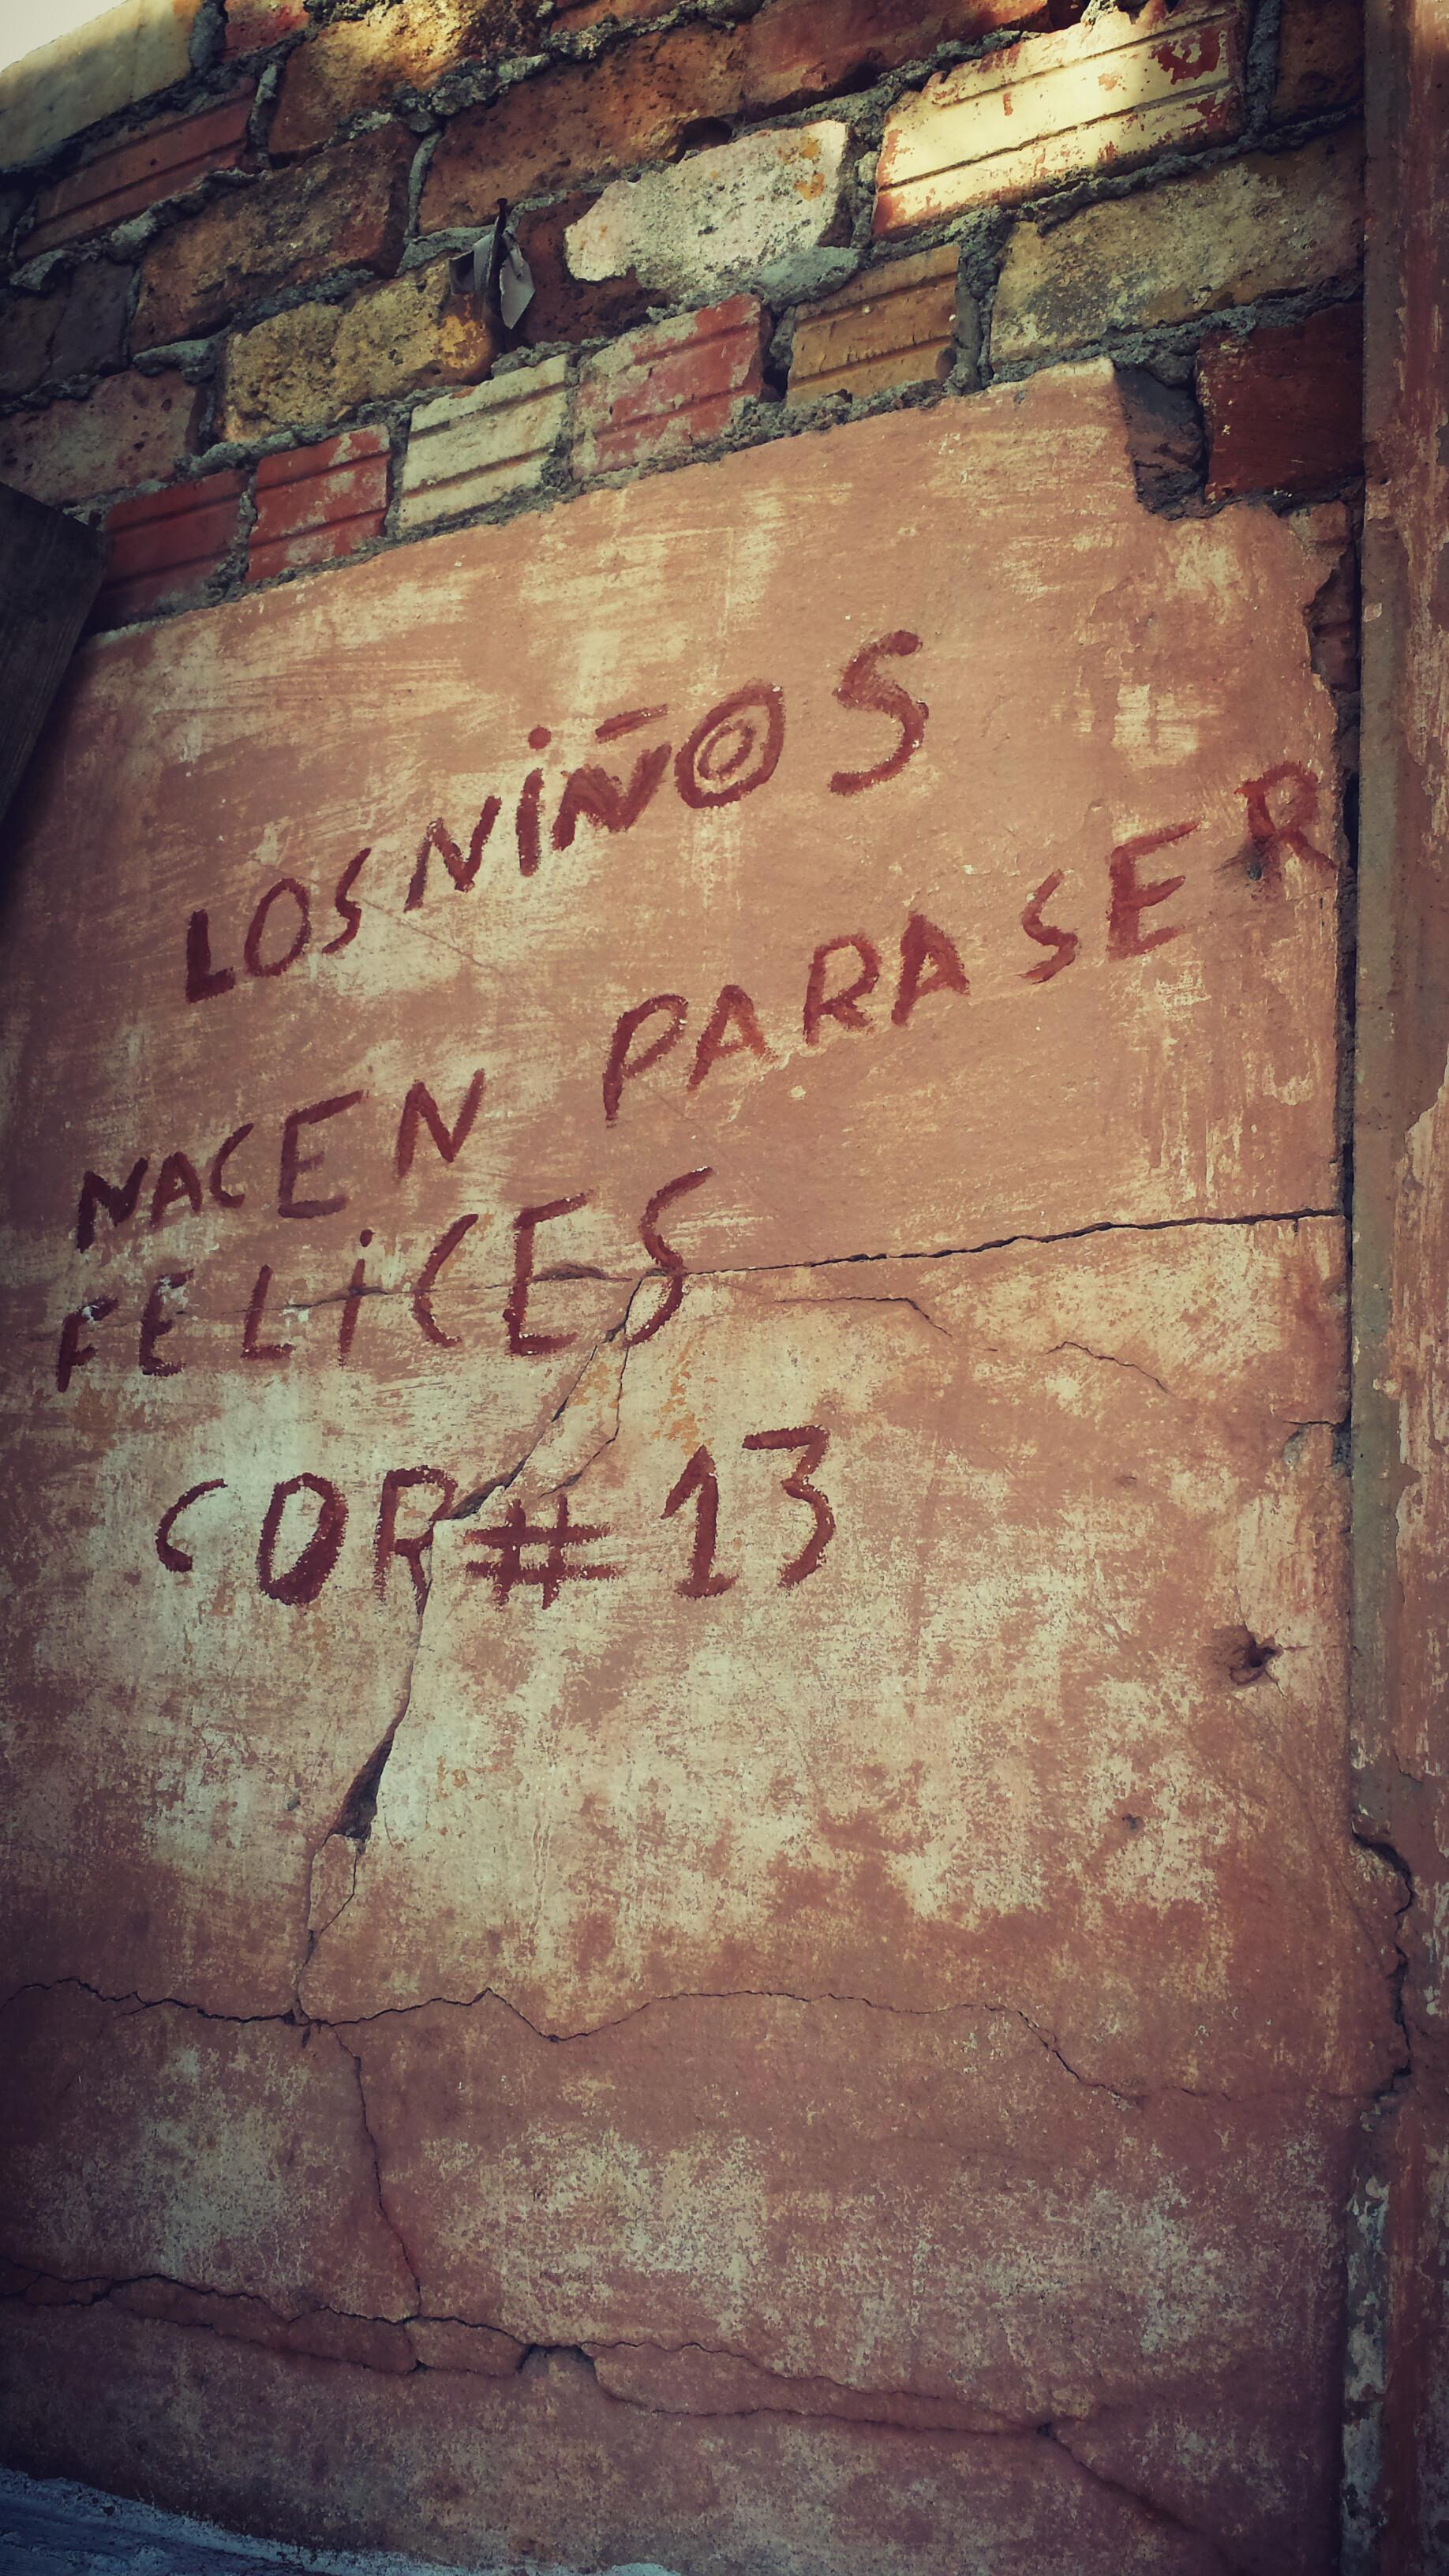 HAVANA | Ilia Etxeberria (Aramaio). Havanako horma bateko esaldia.